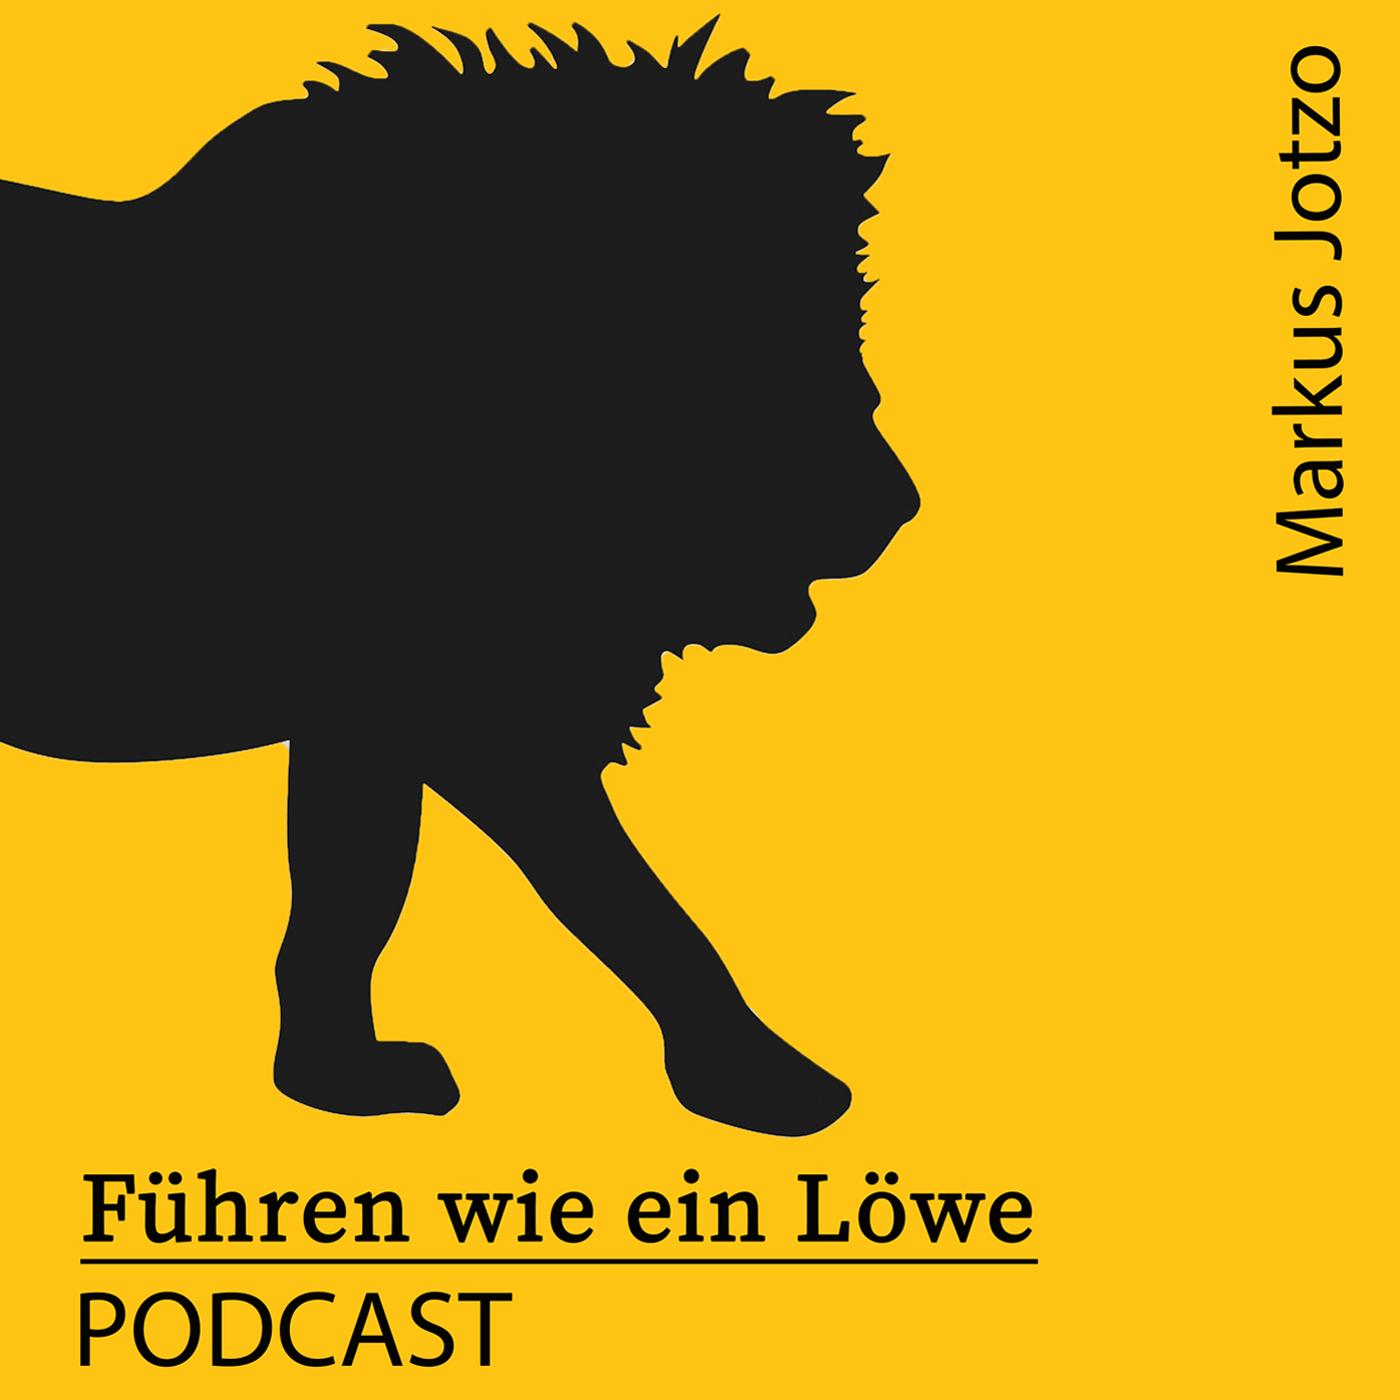 Führen wie ein Löwe Podcast. Praxistipps Führung & Motivation. Für Führungskräfte, Unternehmer und Geschäftsführer